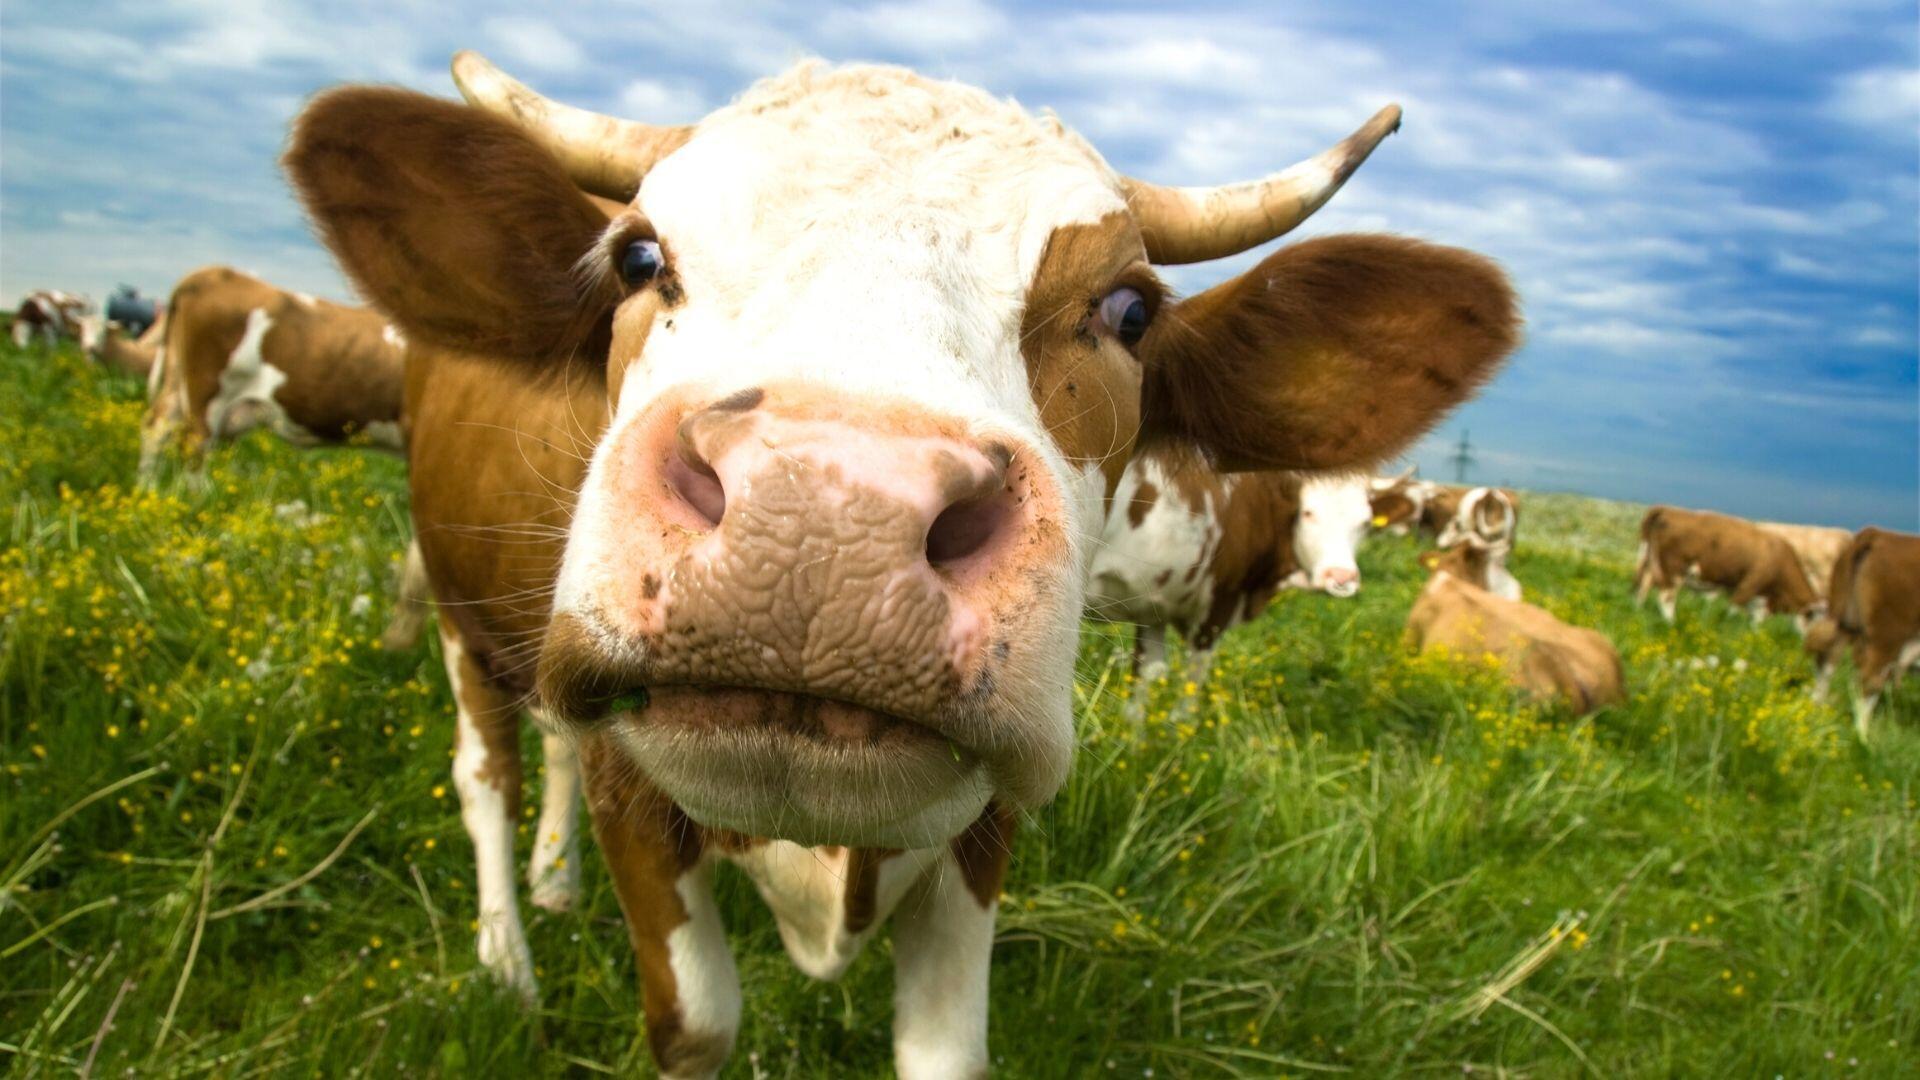 powszechnie uzywany plastik moze byc rozkladany przez enzymy odkryte w zoladkach krow